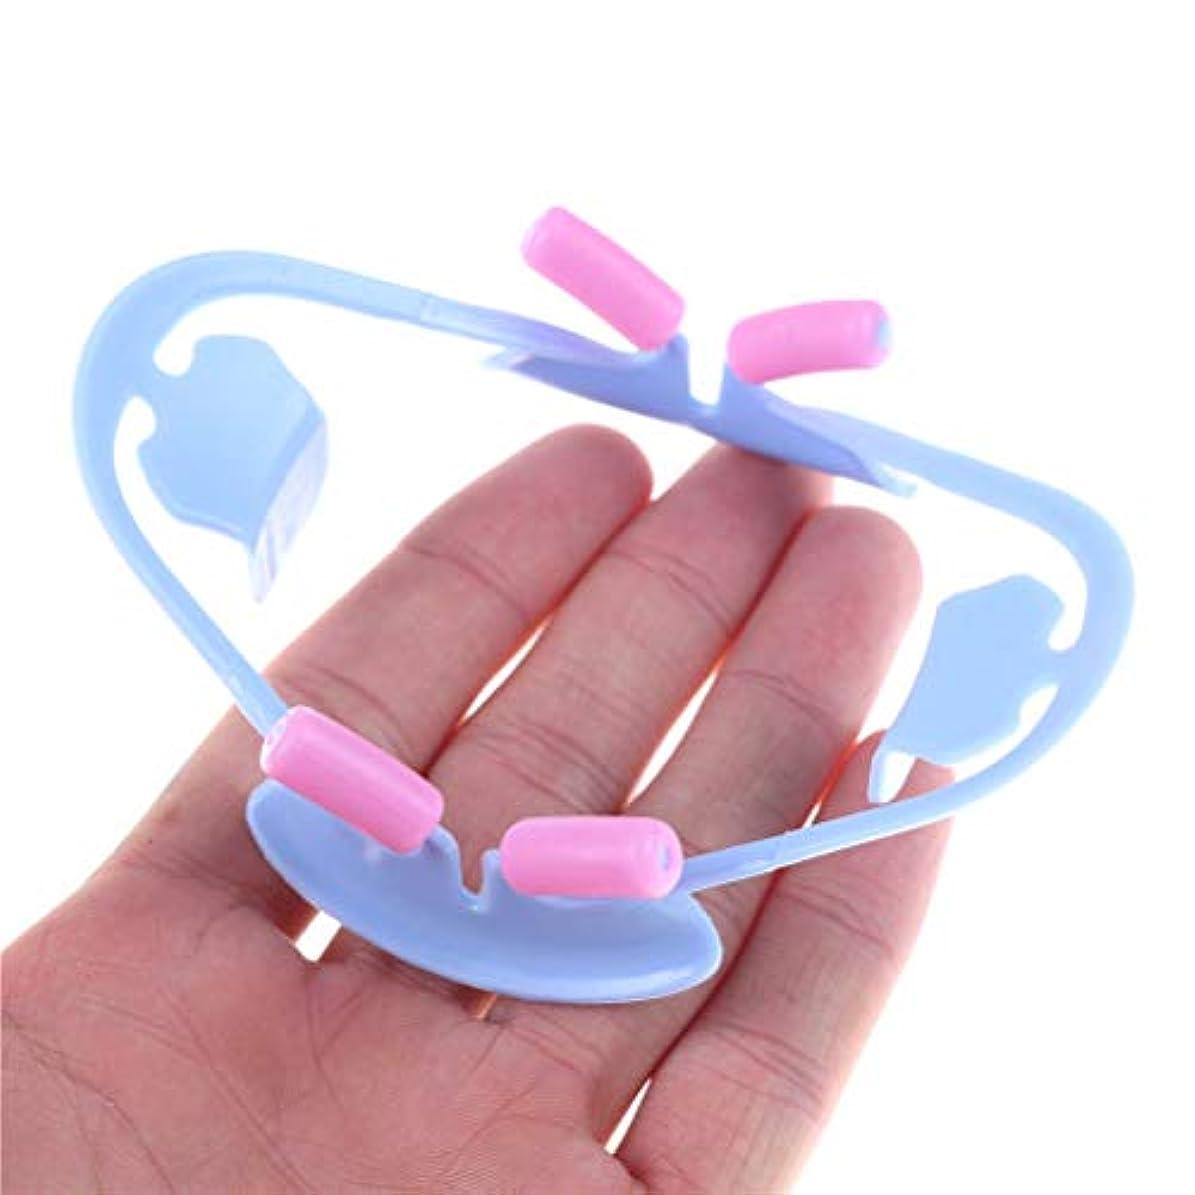 ミサイル認証水星マウスオープナー リップリトラクター 歯科 開口器 3D 口腔ケア 矯正用 S/L (L-ブルー)